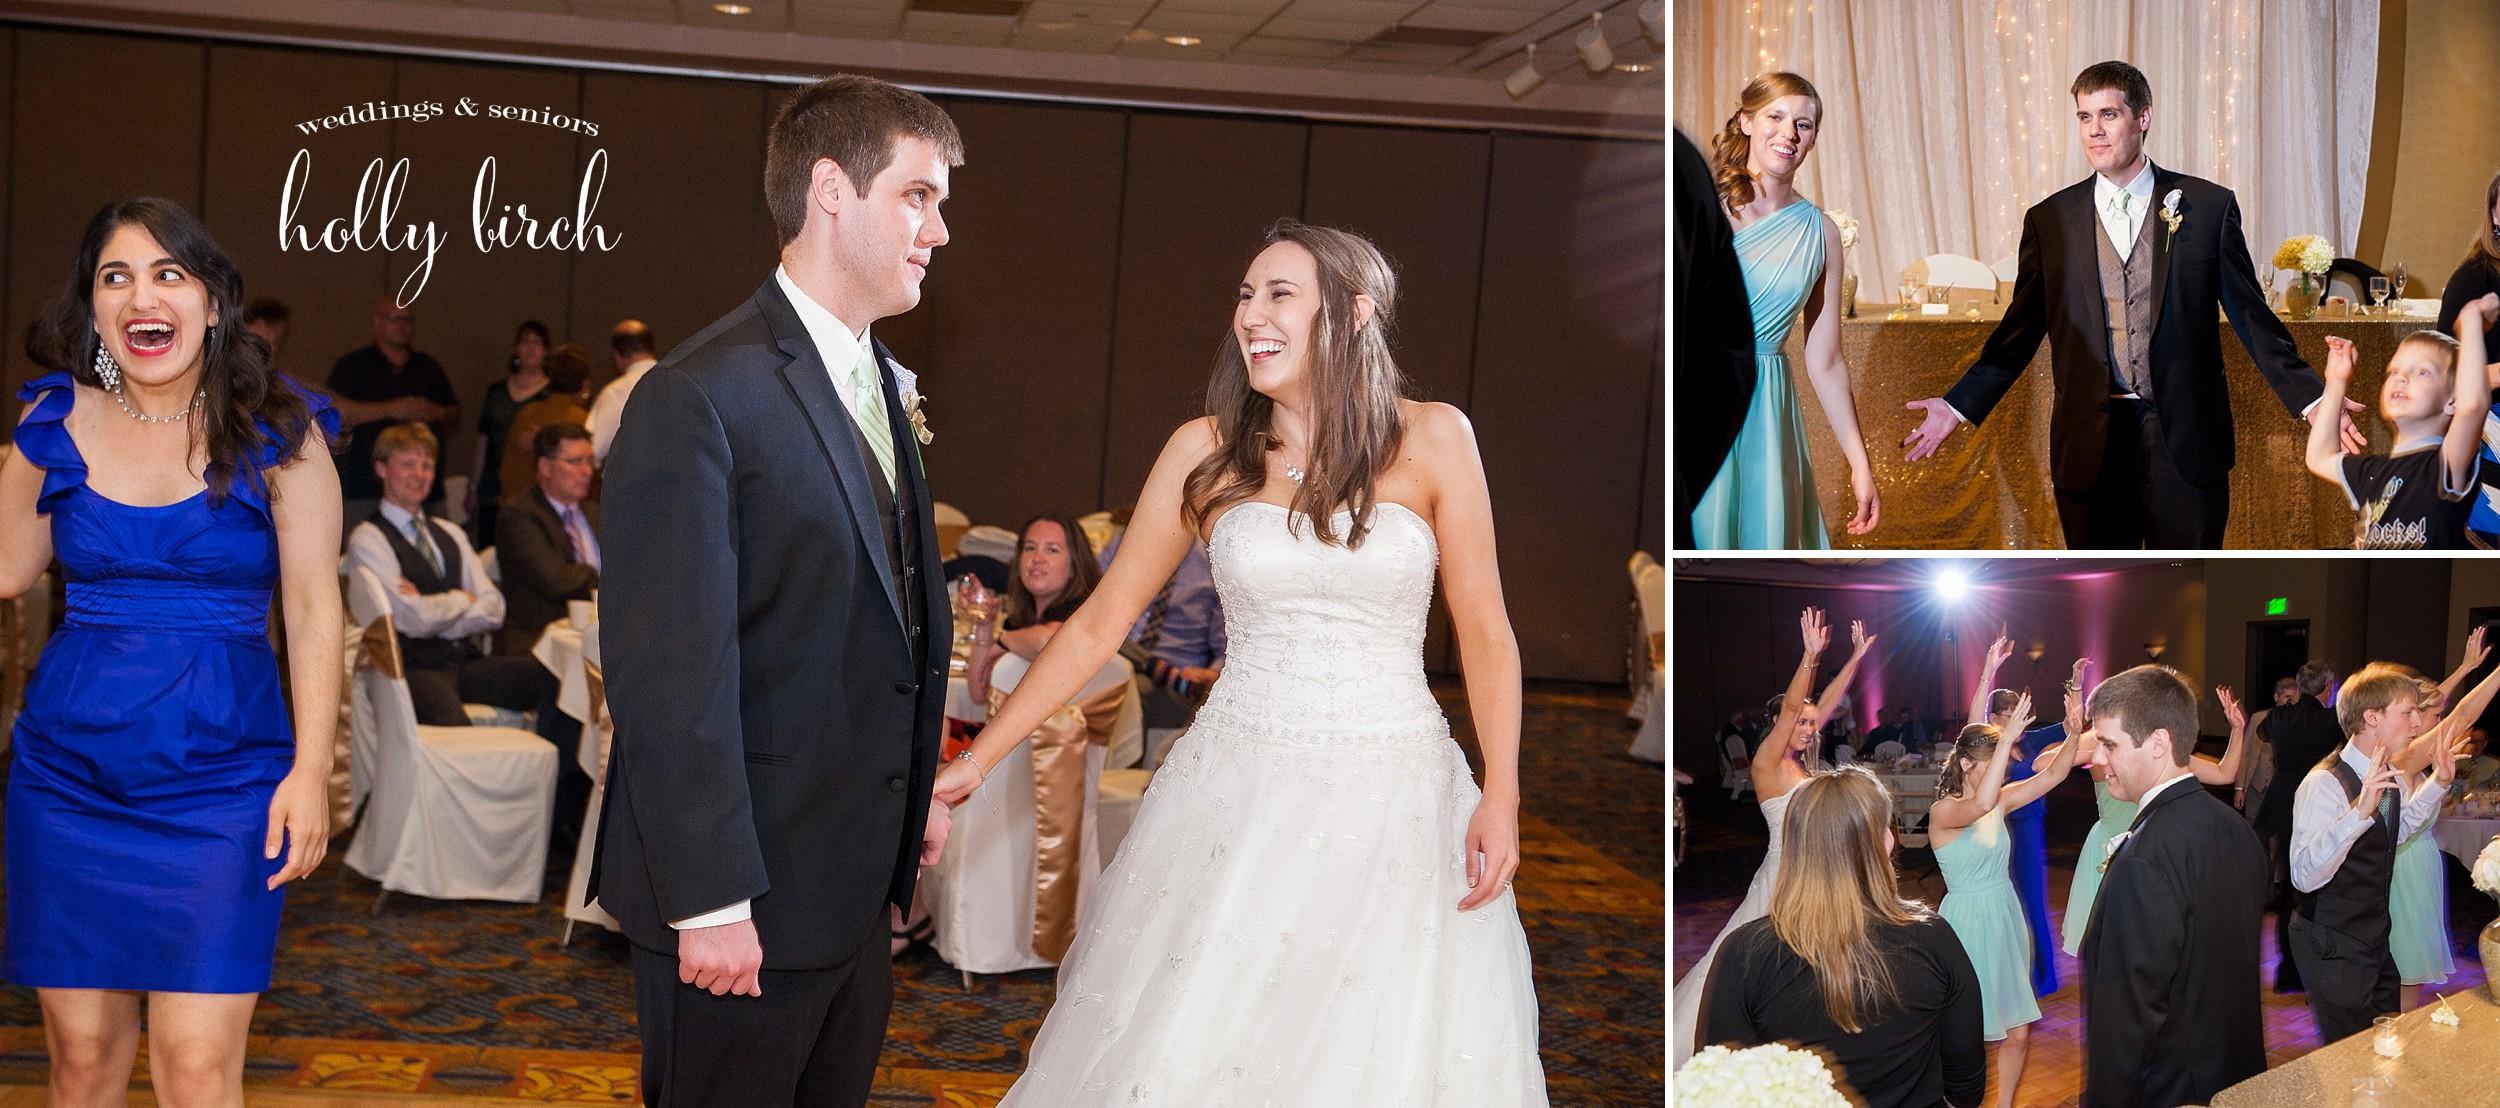 groom is on the dance floor